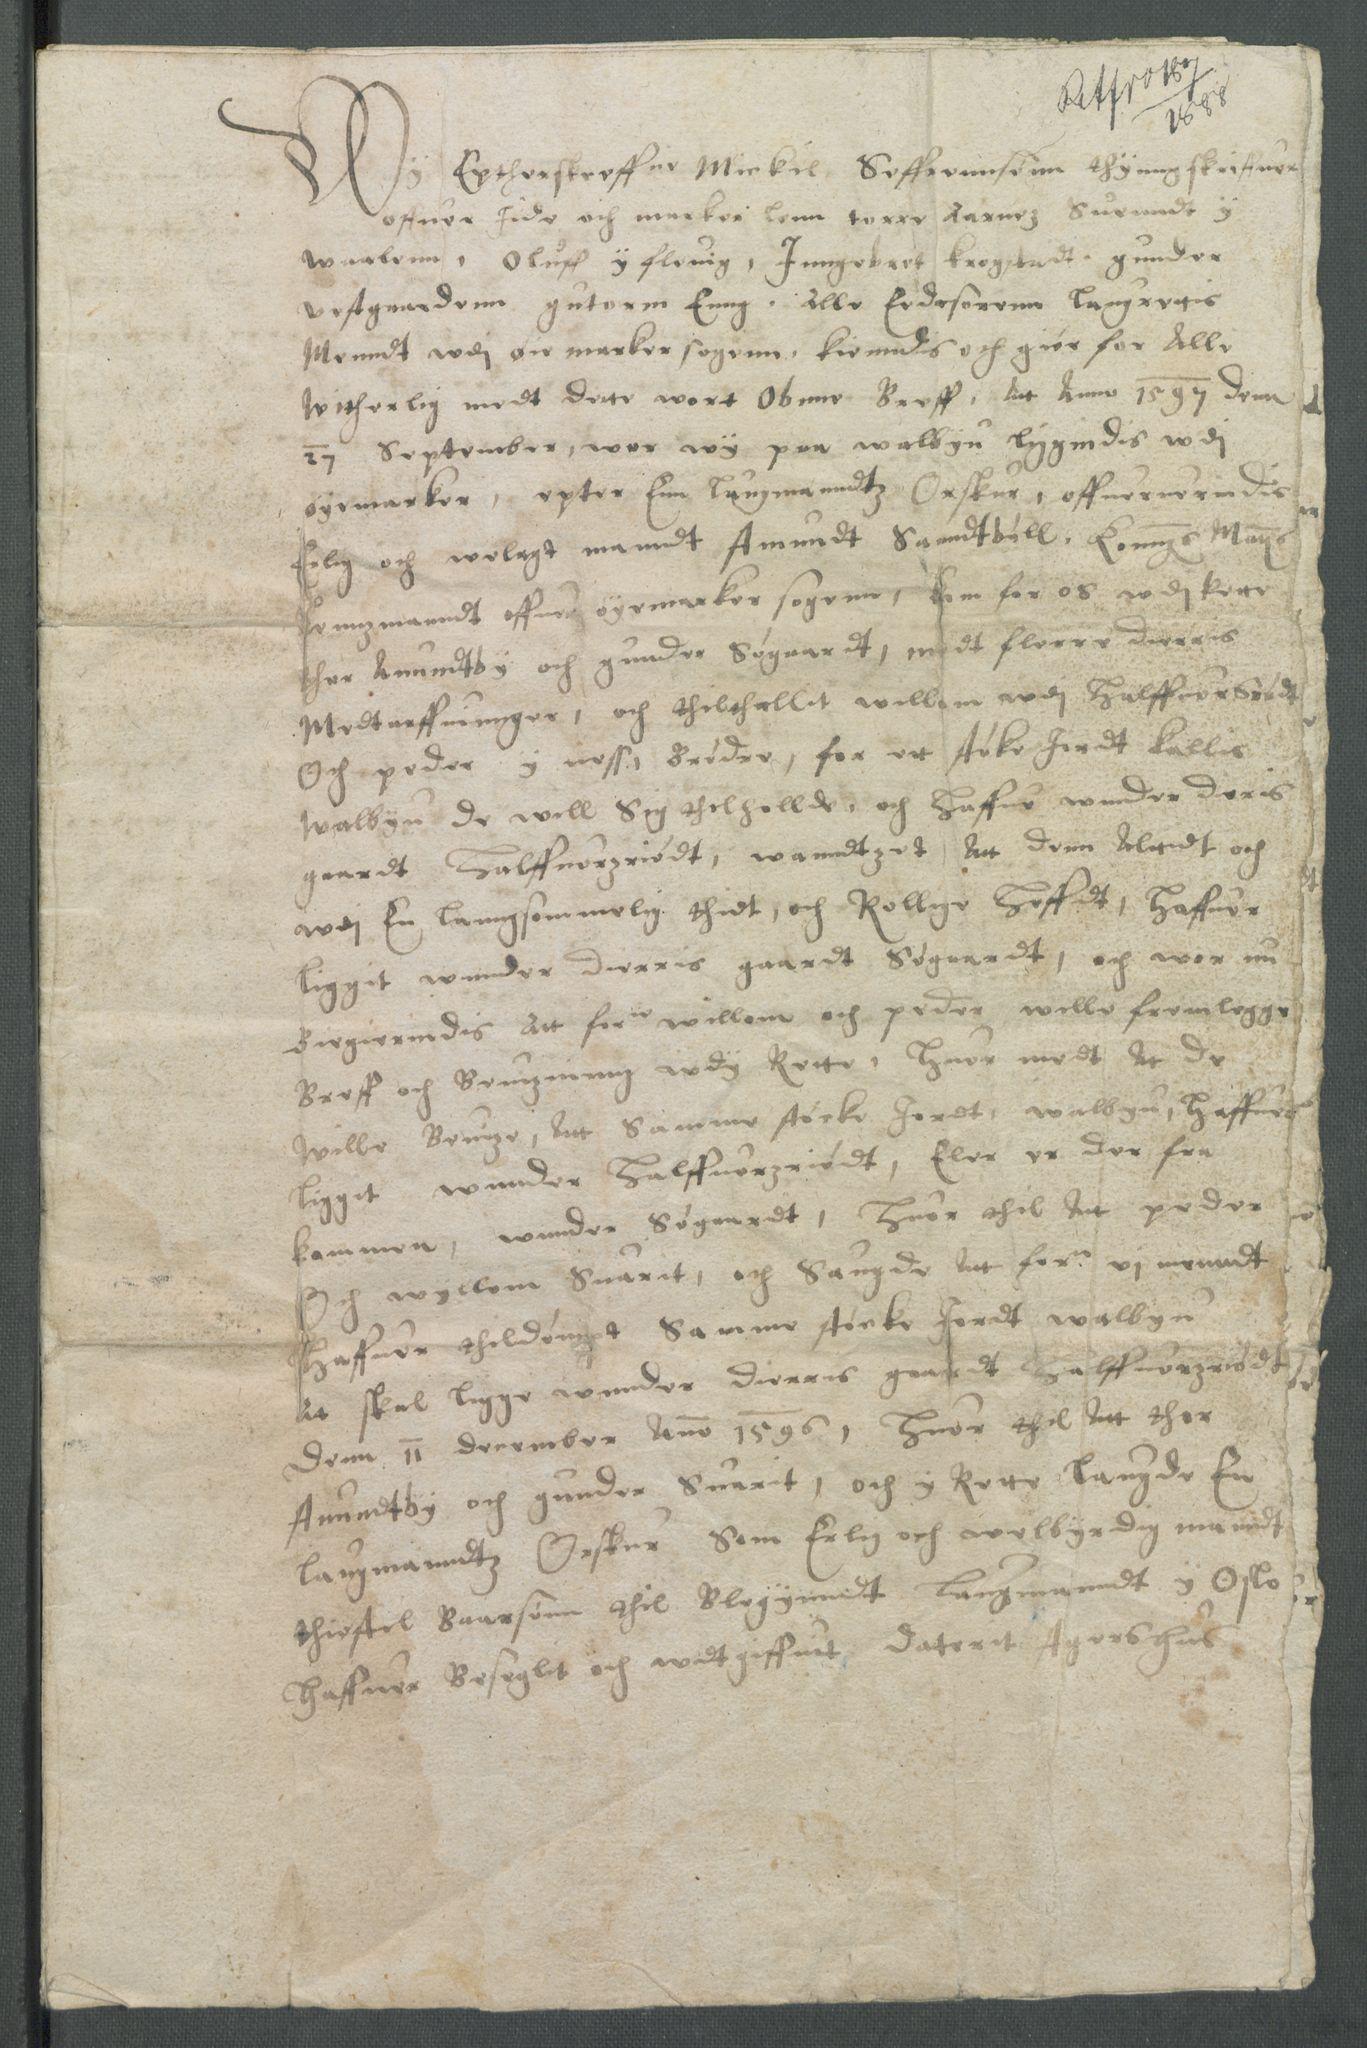 RA, Riksarkivets diplomsamling, F02/L0104: Dokumenter, 1597, s. 21